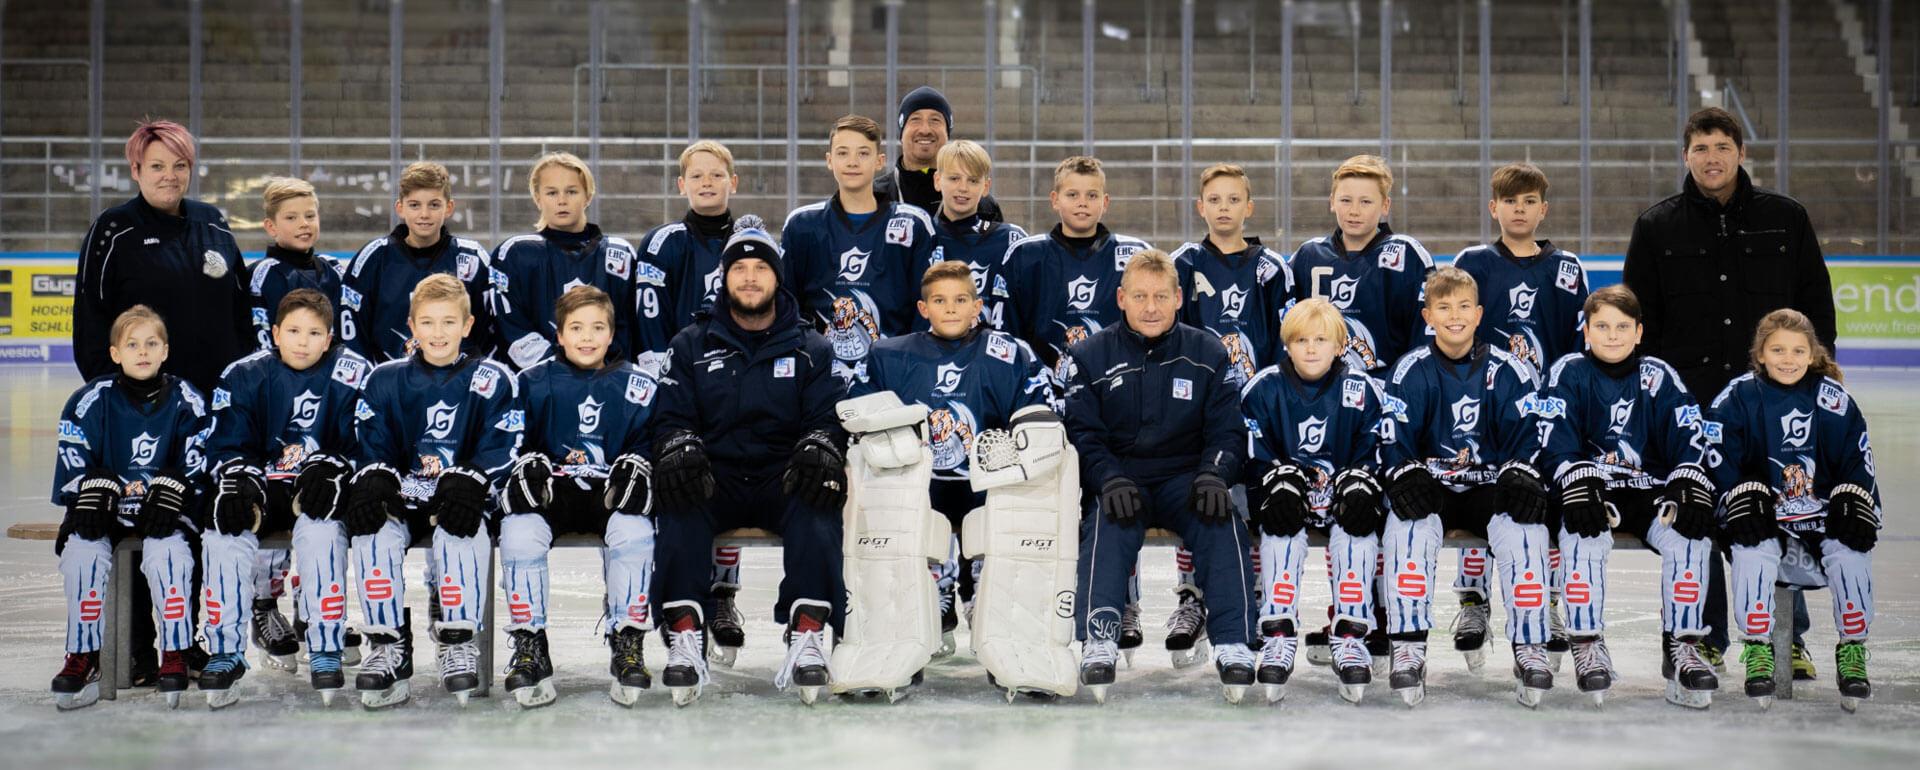 Mannschaftsfoto der U13